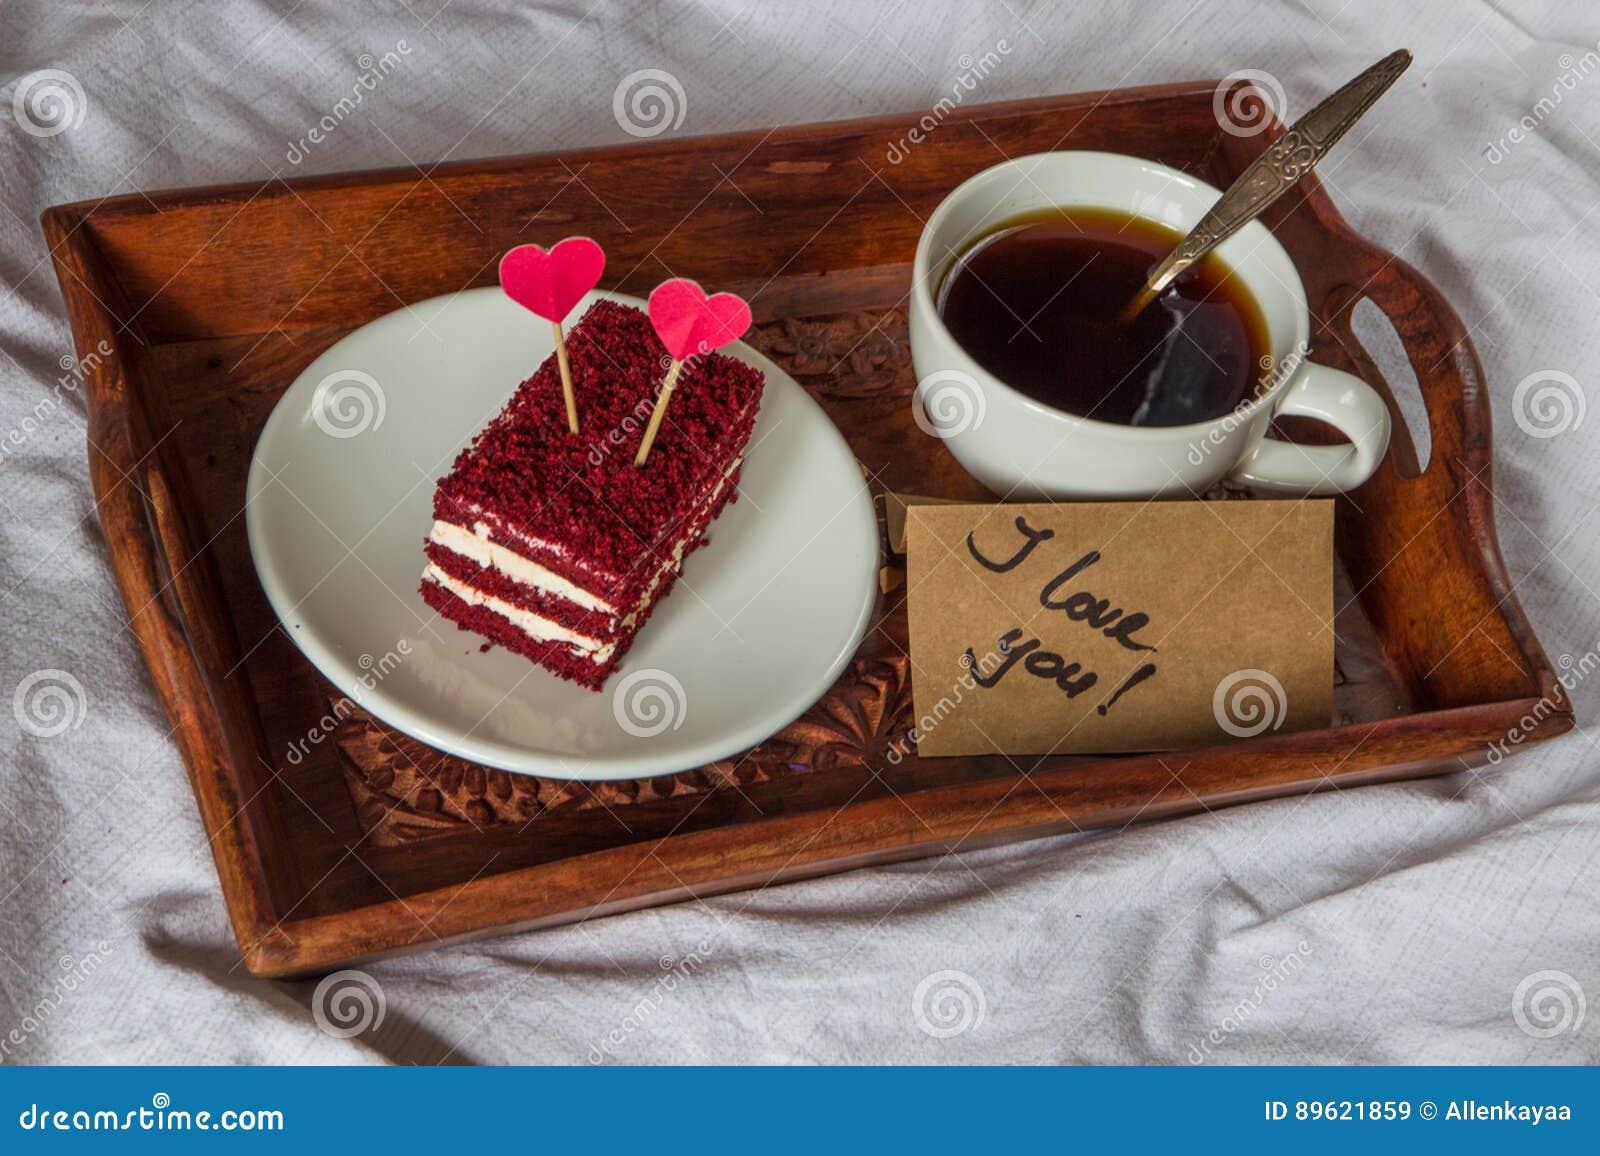 śniadanie W łóżku Filiżanka Kawa Czerwień Aksamit Tort I